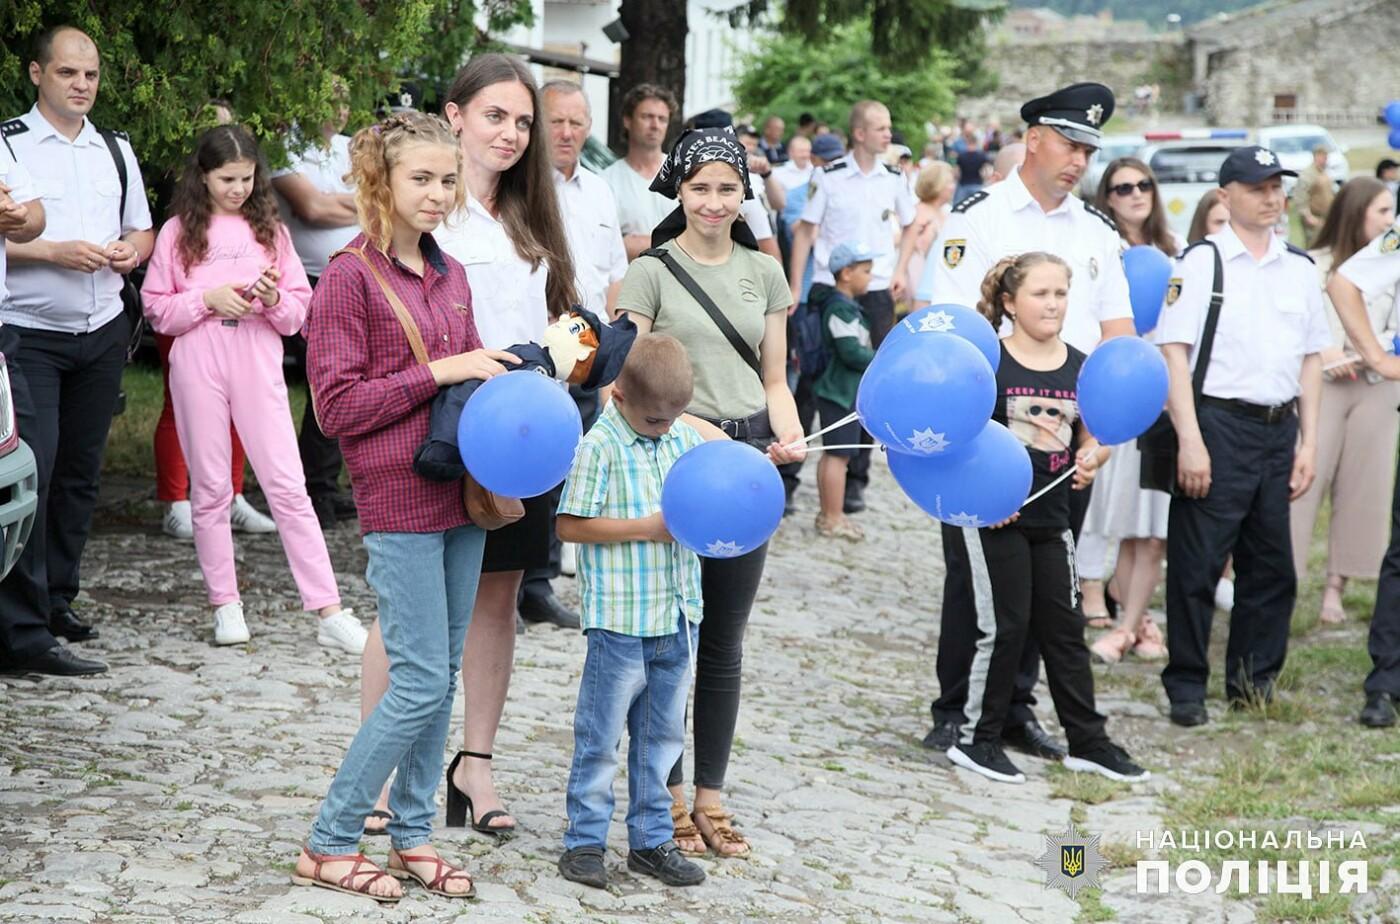 Кам'янецькі поліцейські здійснили мрію 8-класниці , фото-1, Фото: пресслужба Поліції Хмельницької області.